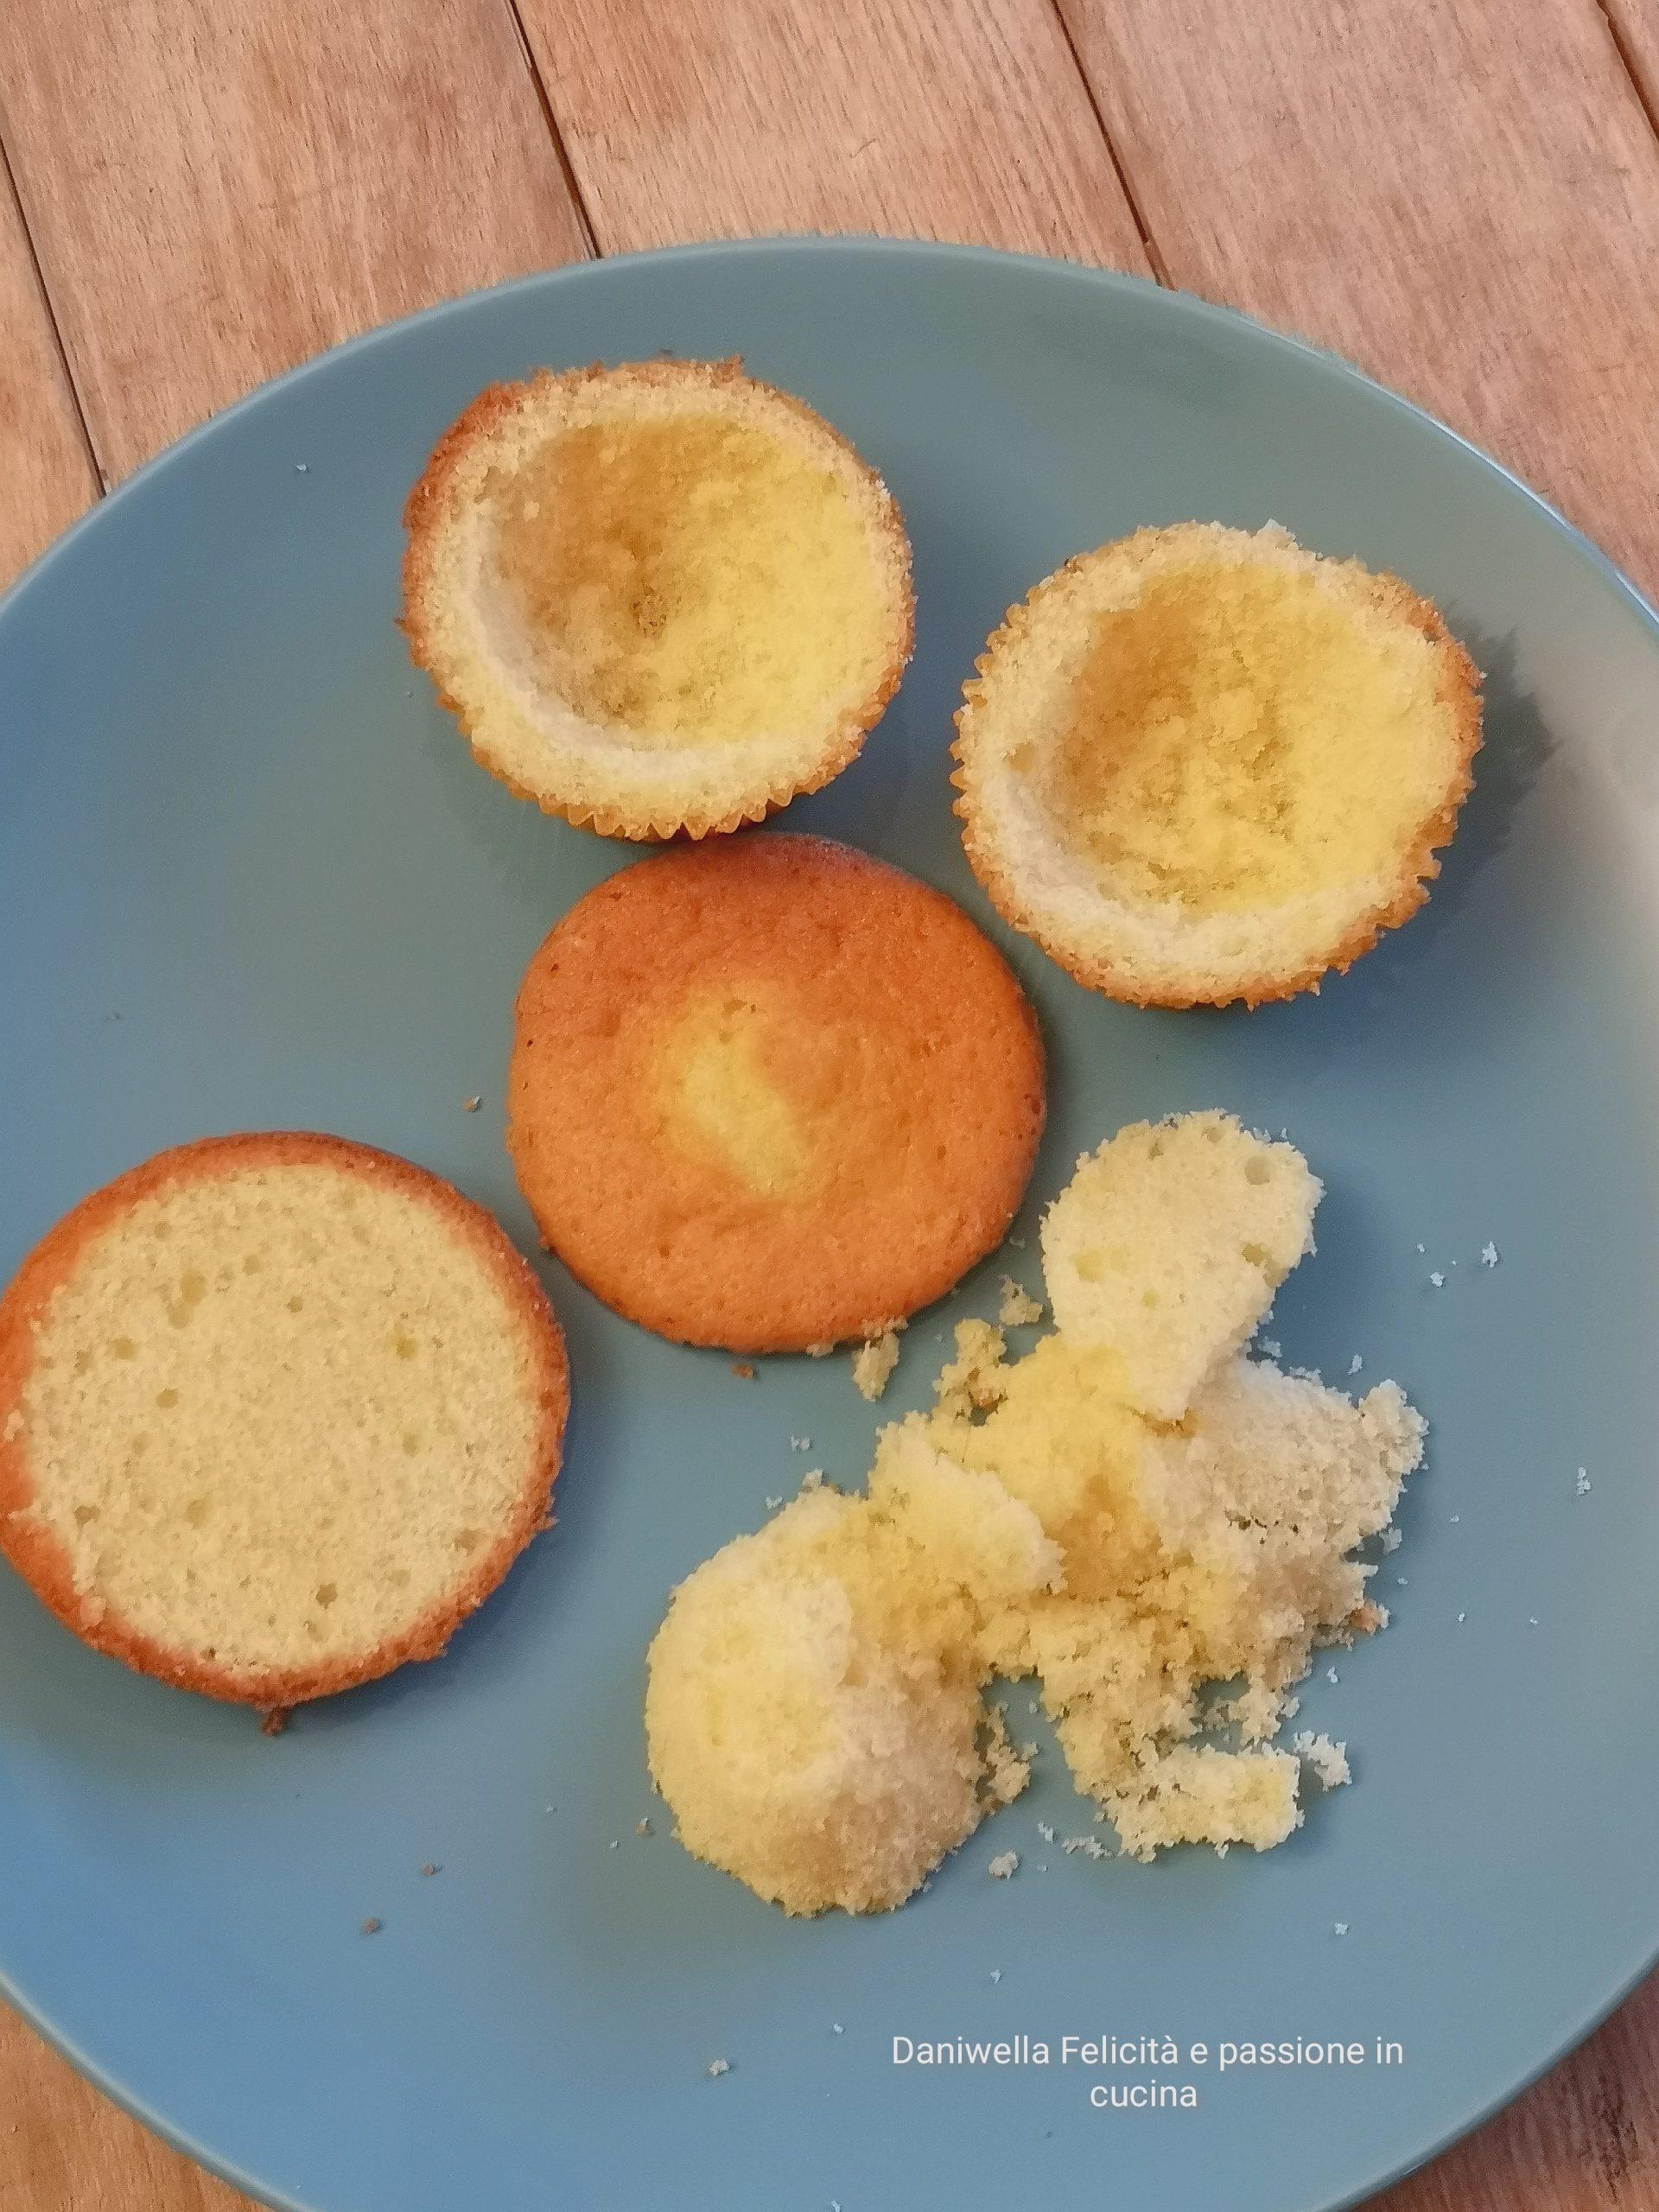 Con un coltello svuotate delicatamente al centro il cupcake e mettete da parte il ripieno.